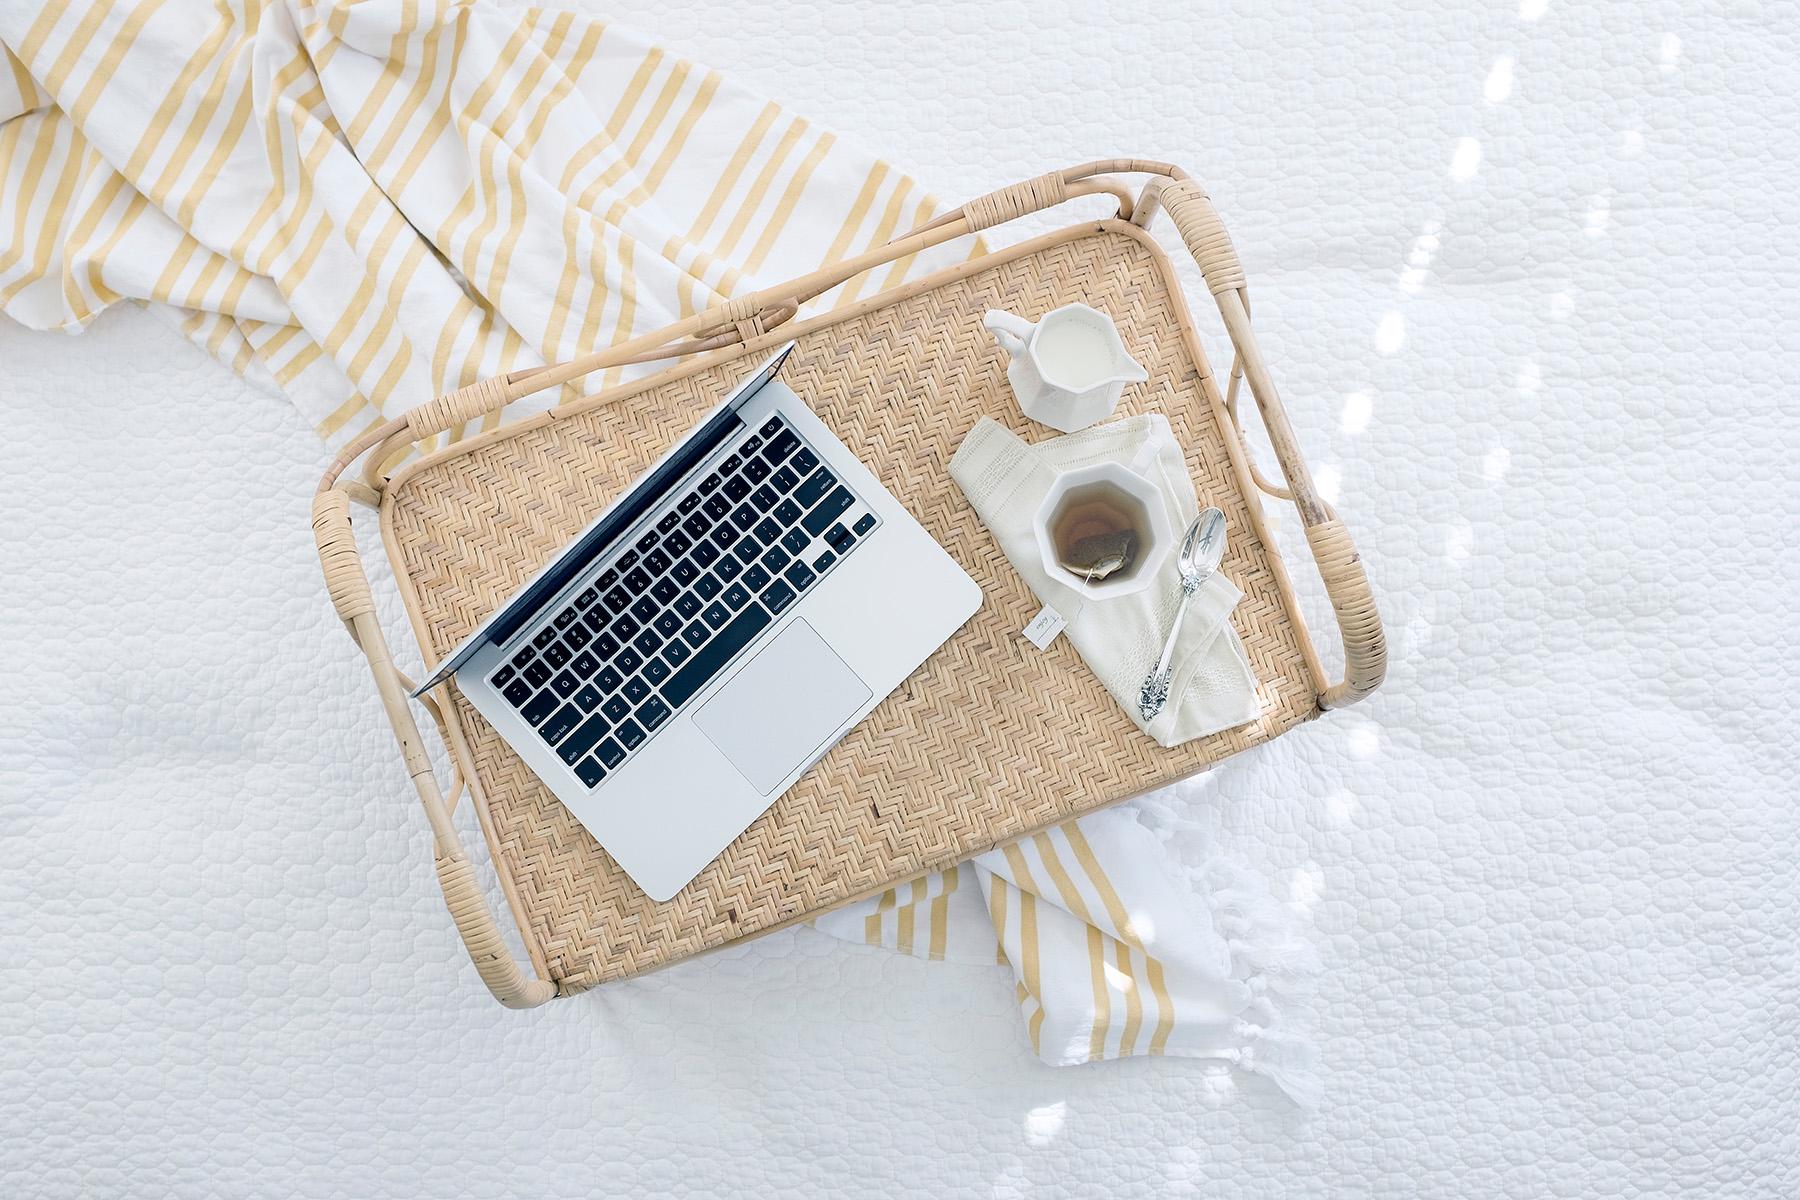 El tercer espacio combina la comodidad del hogar y las necesidades de una oficina